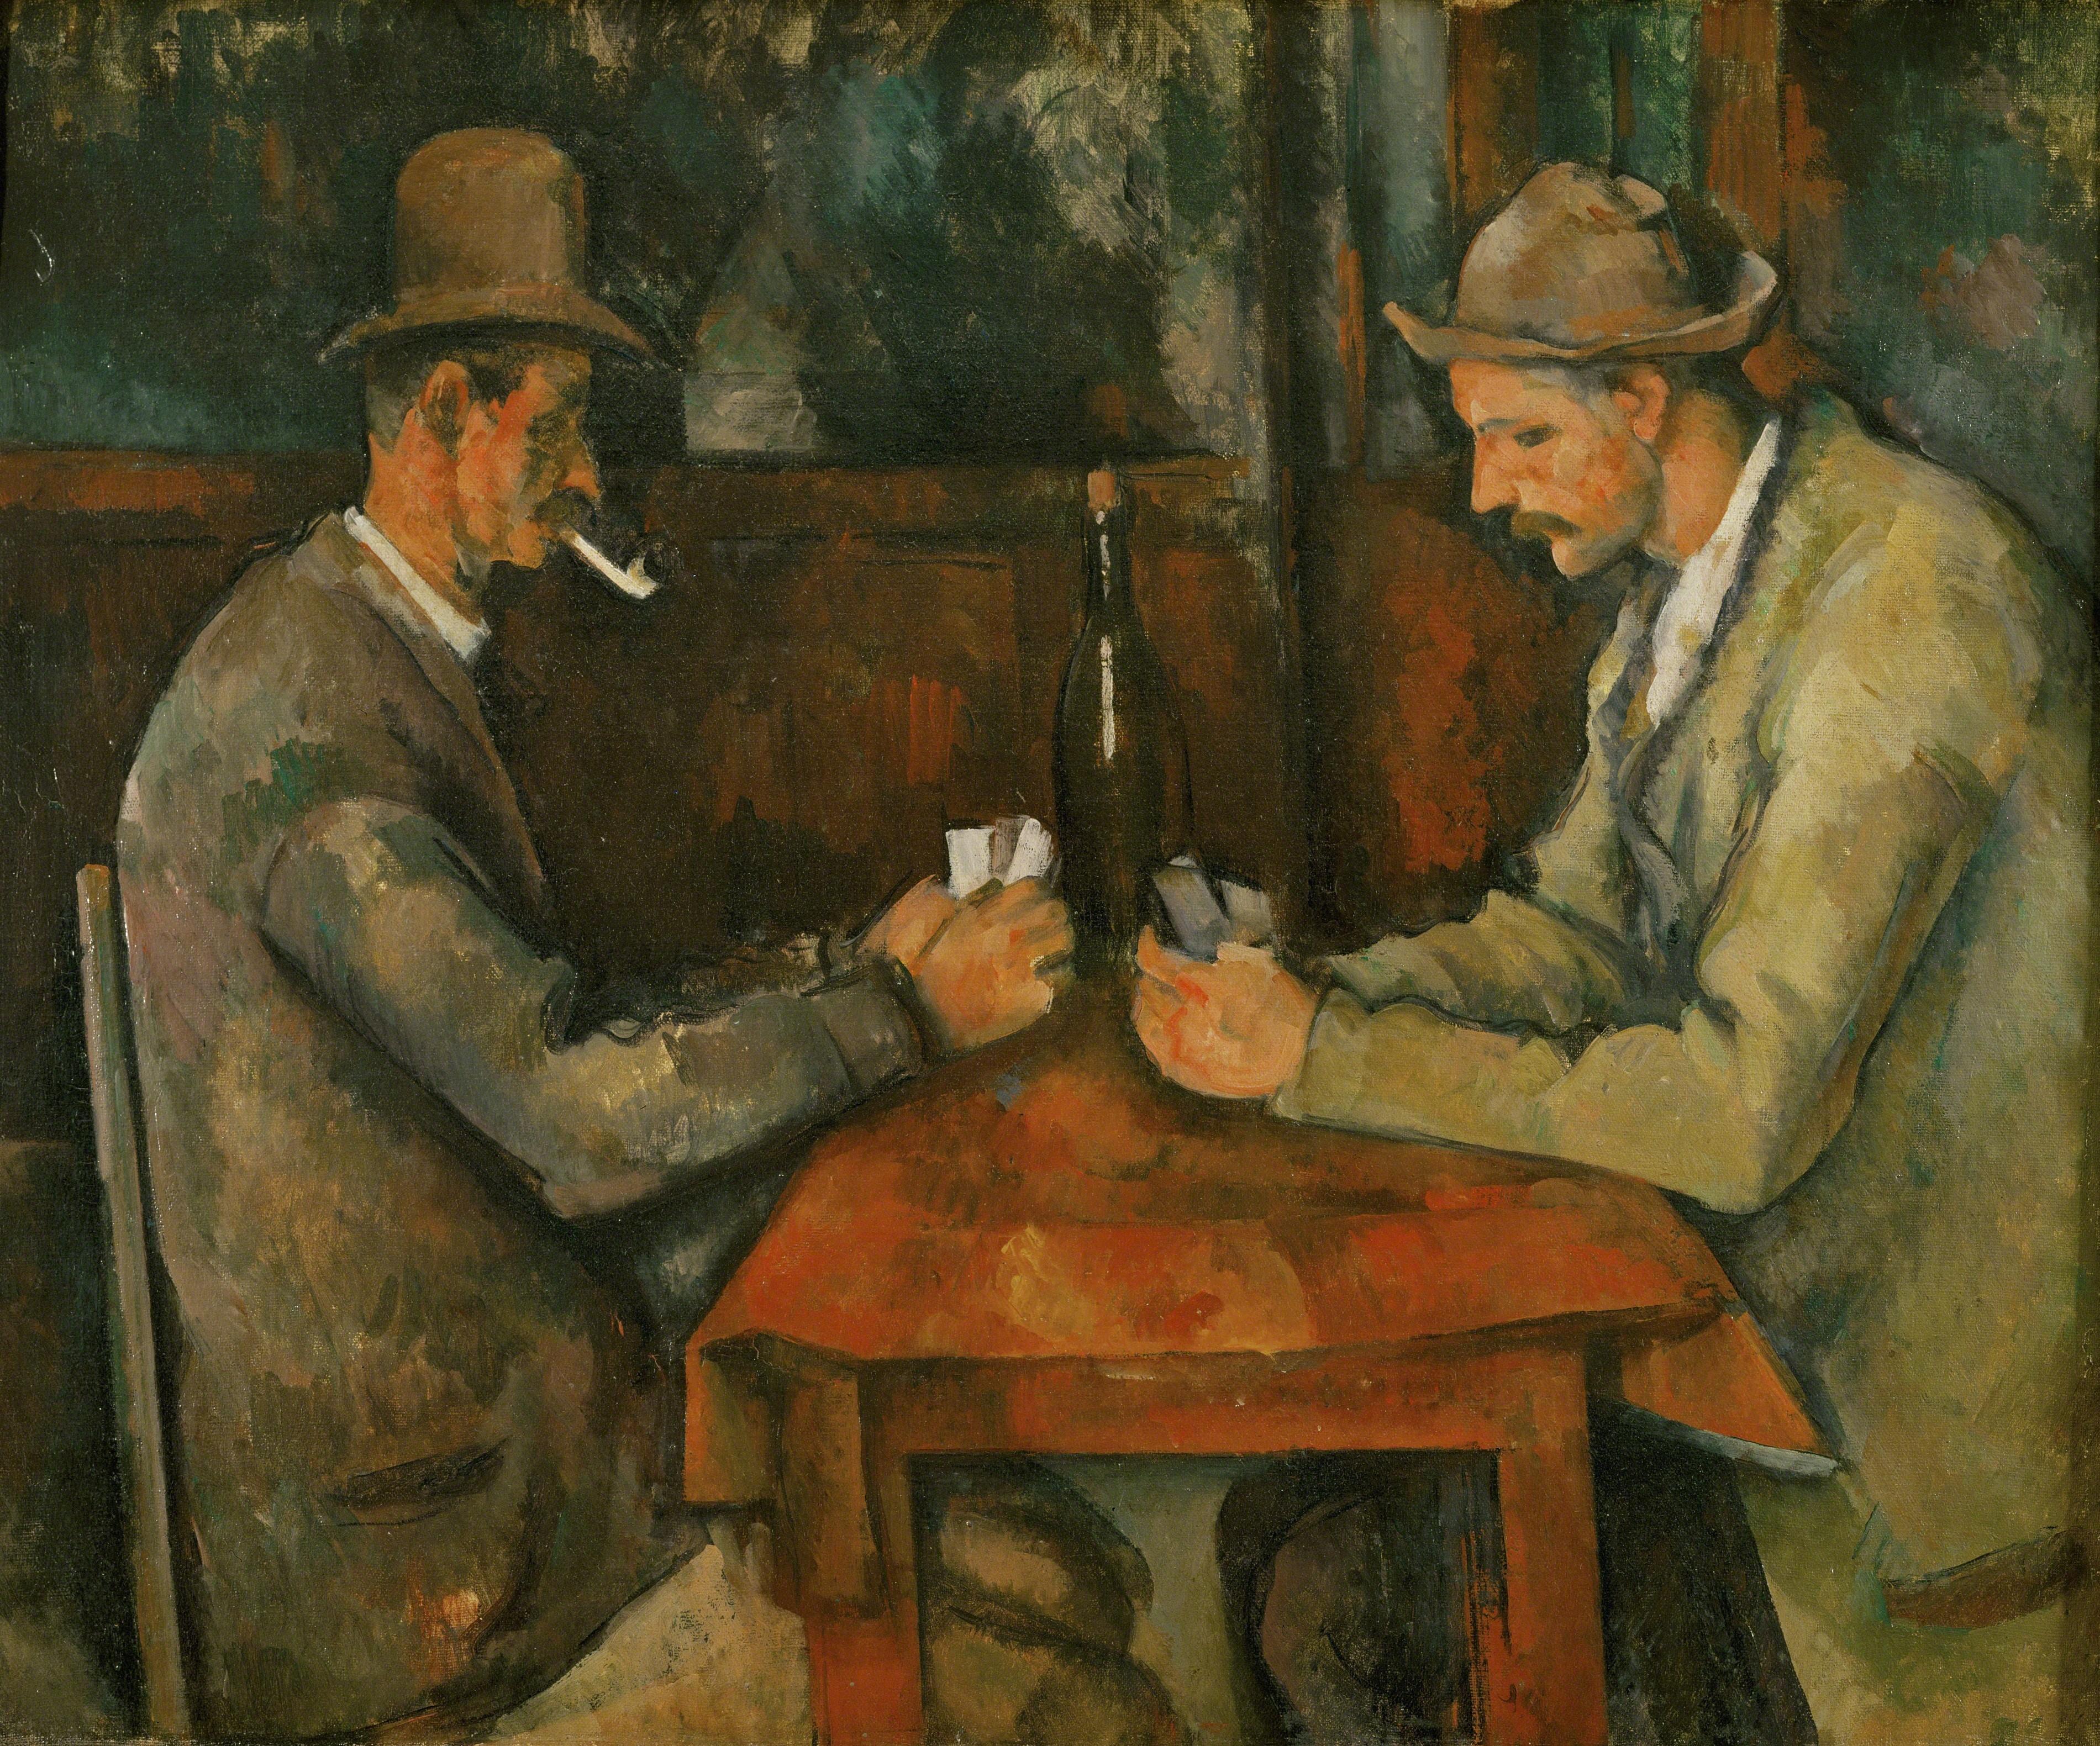 Ficheiro:Paul Cézanne - Les Joueurs de cartes.jpg